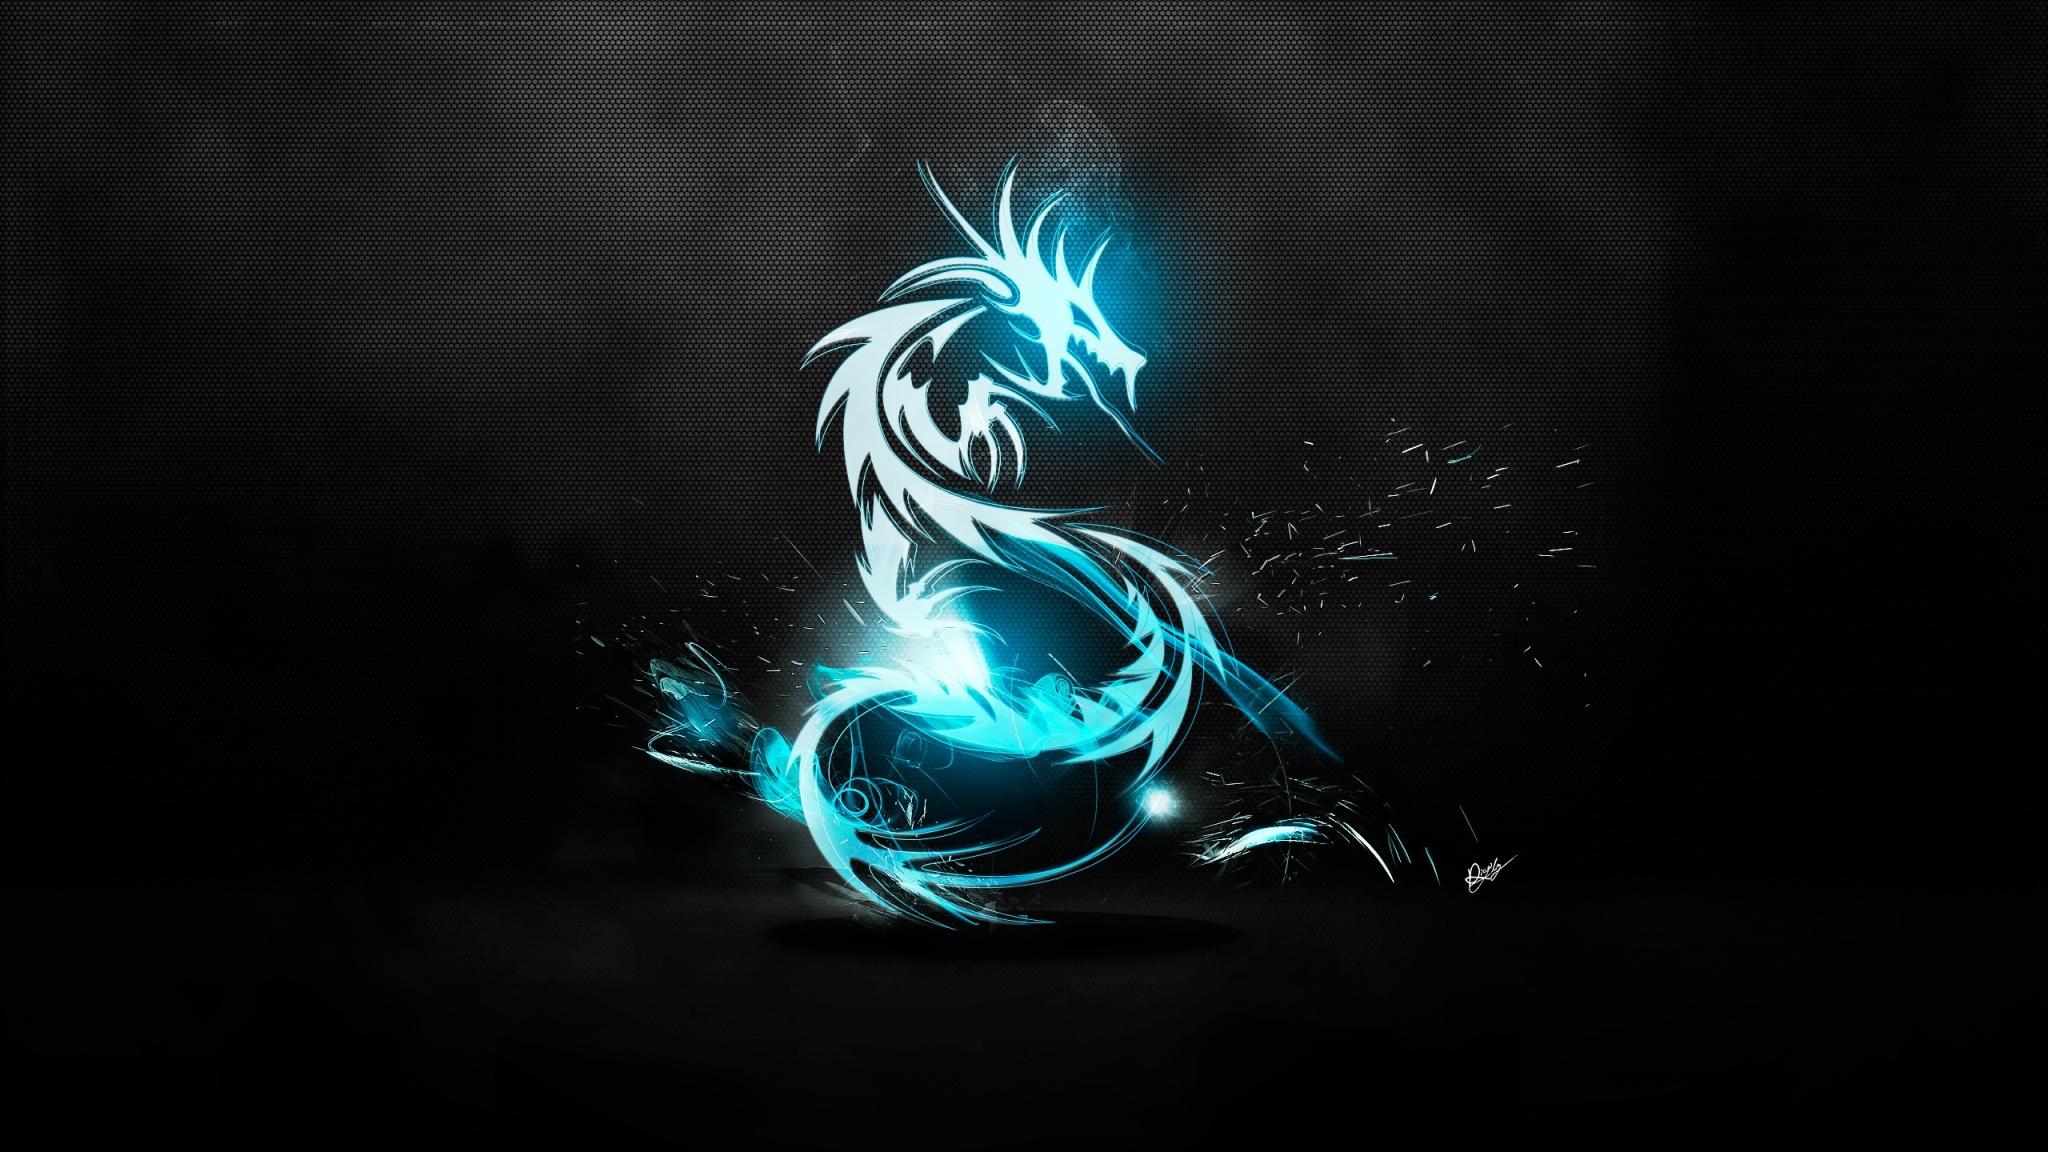 Blue Dragon Logo Wallpaper WallpaperzCO 2048x1152